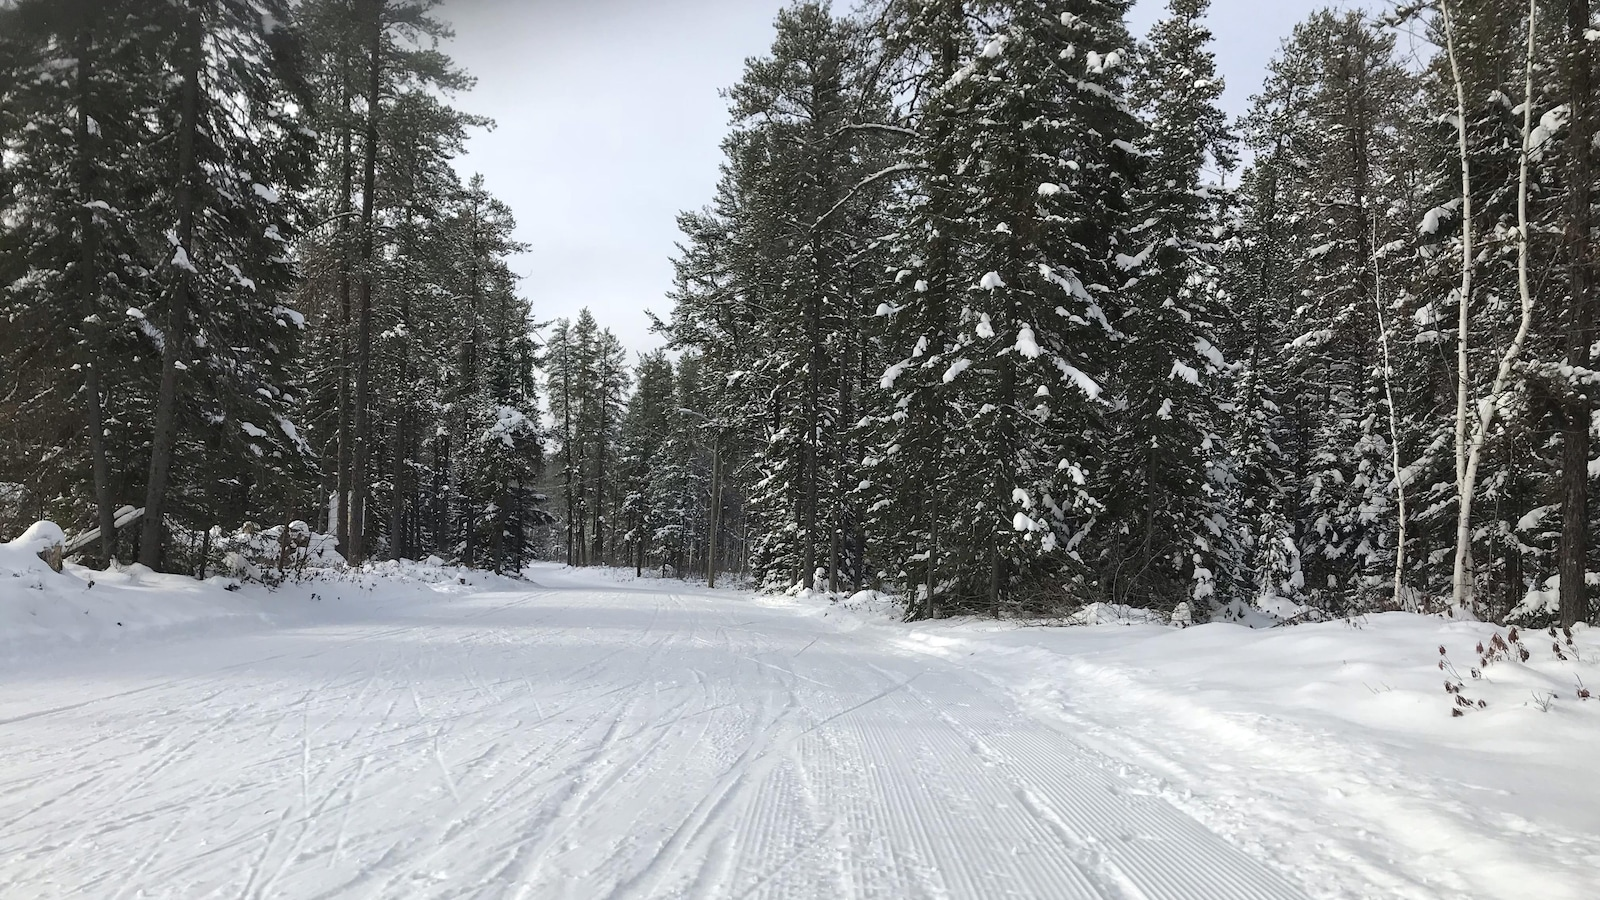 Une piste de ski de fond dans la forêt boréale, en hiver.